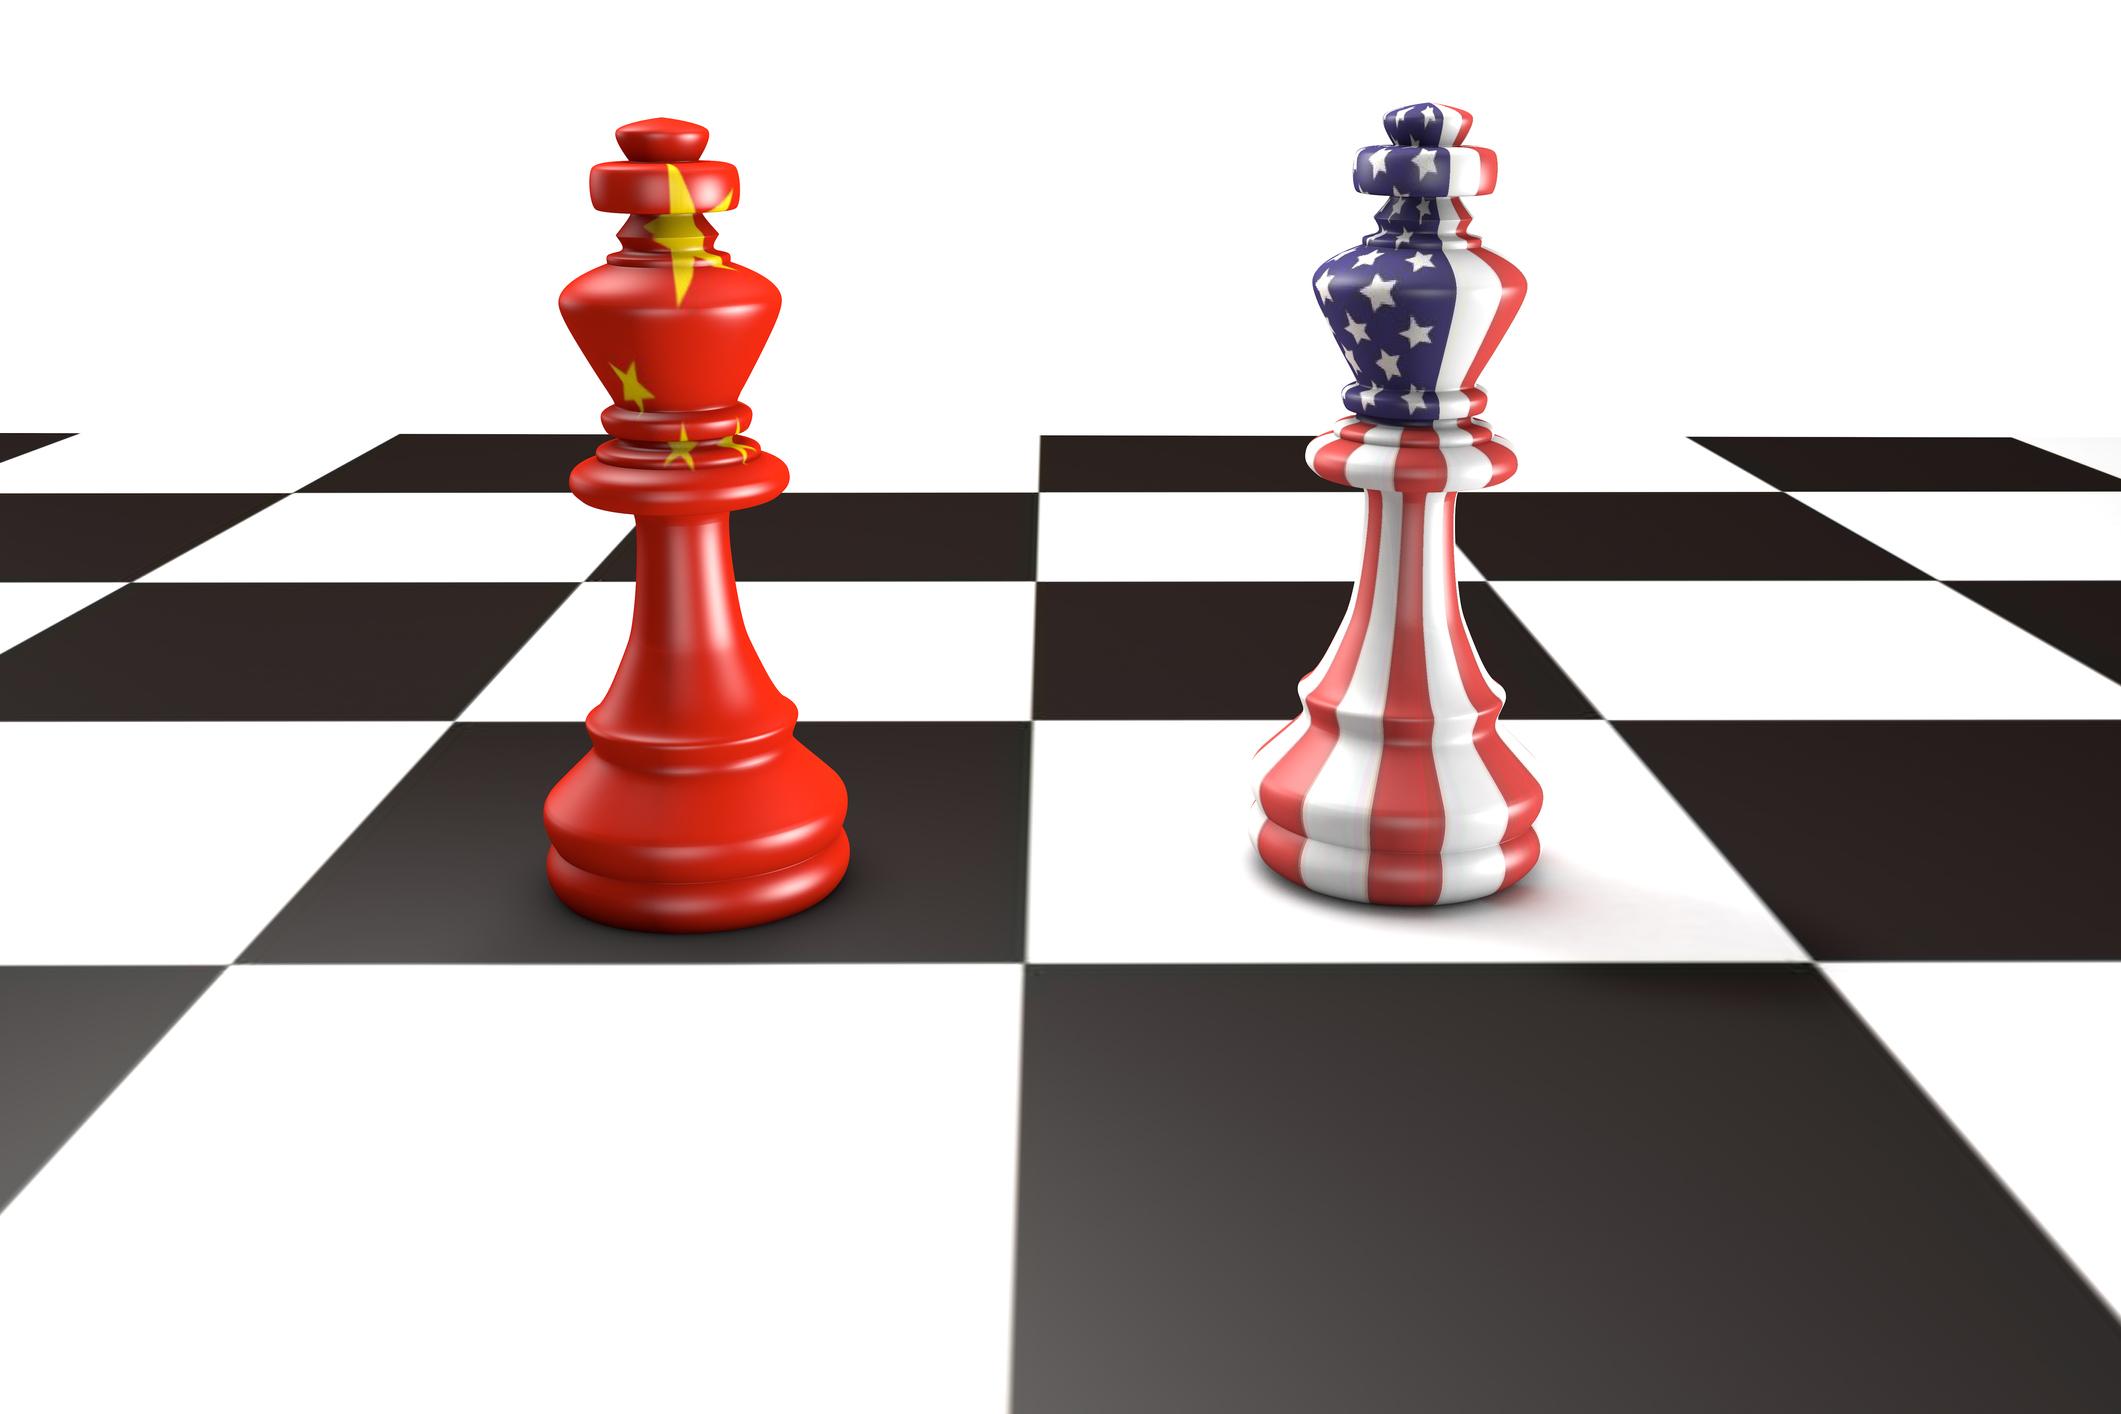 台灣面對的不只是兩岸關係,而是在更大的戰略三角關係下,同時承受兩強對峙的壓力。在中美新冷戰越趨劇烈的當前,這也是中小國家感同身受的普遍困境。圖│iStock